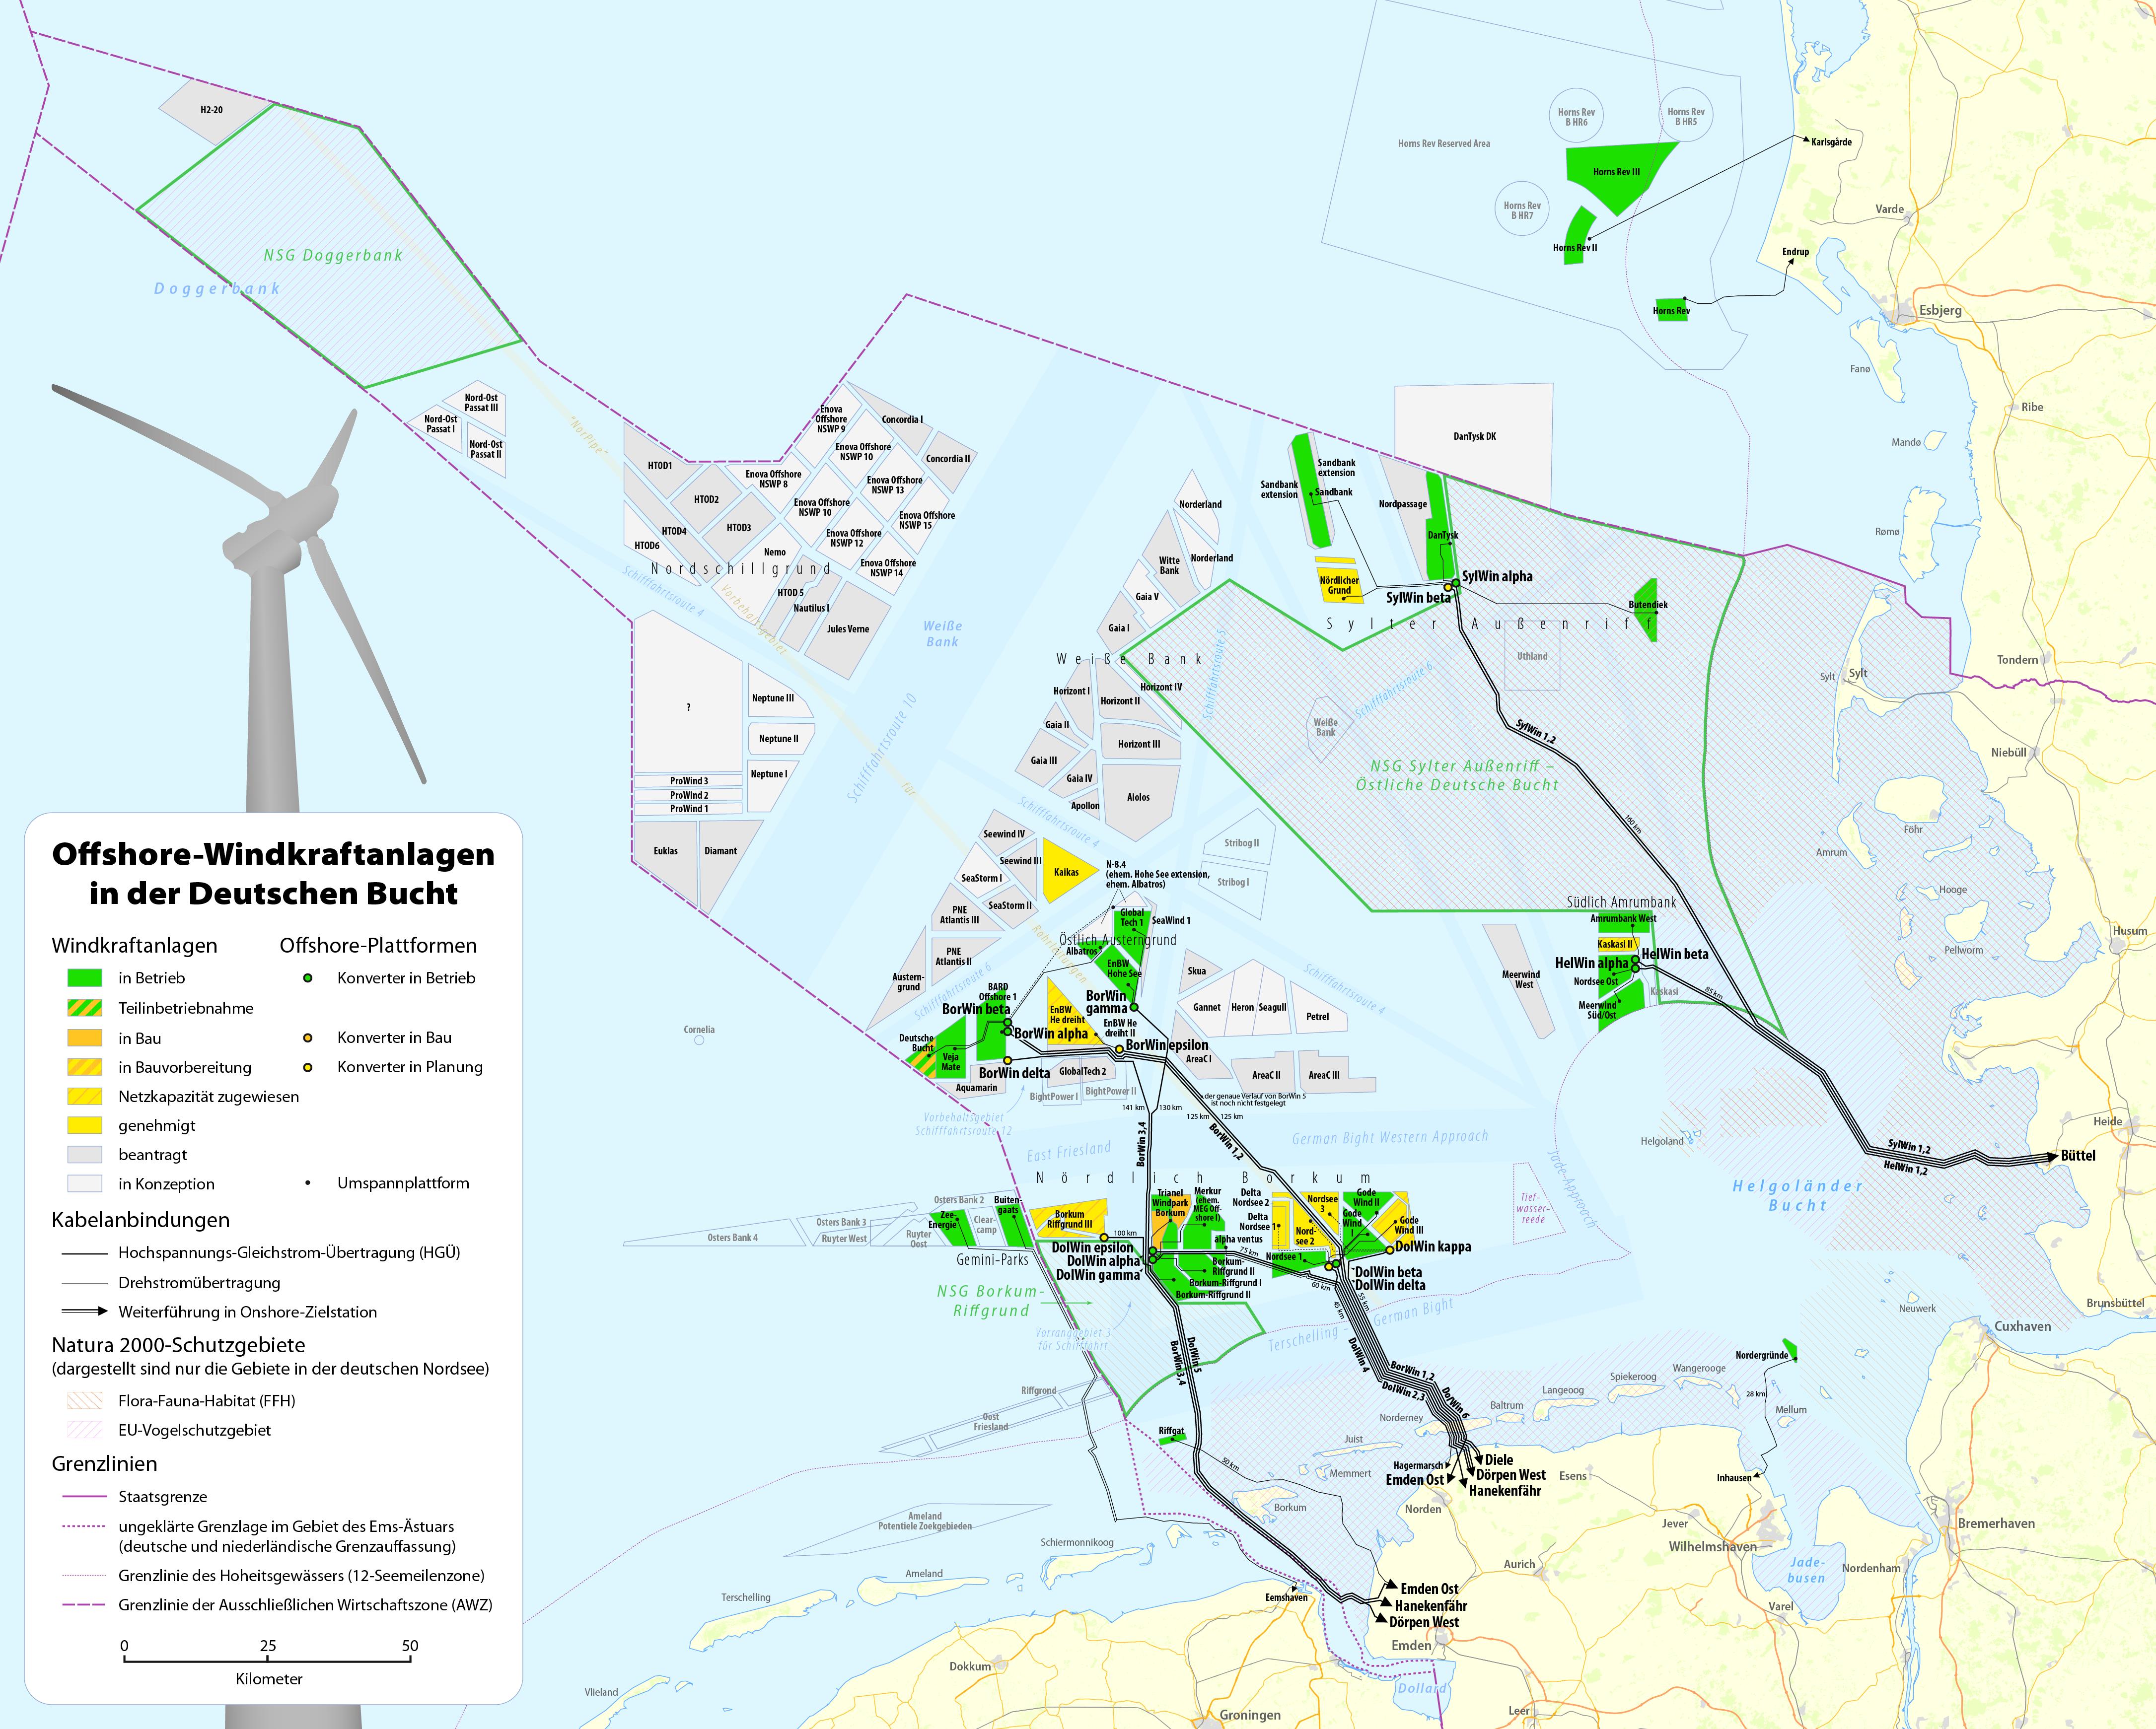 Description Karte Offshore-Windkraftanlagen in der Deutschen Bucht.png